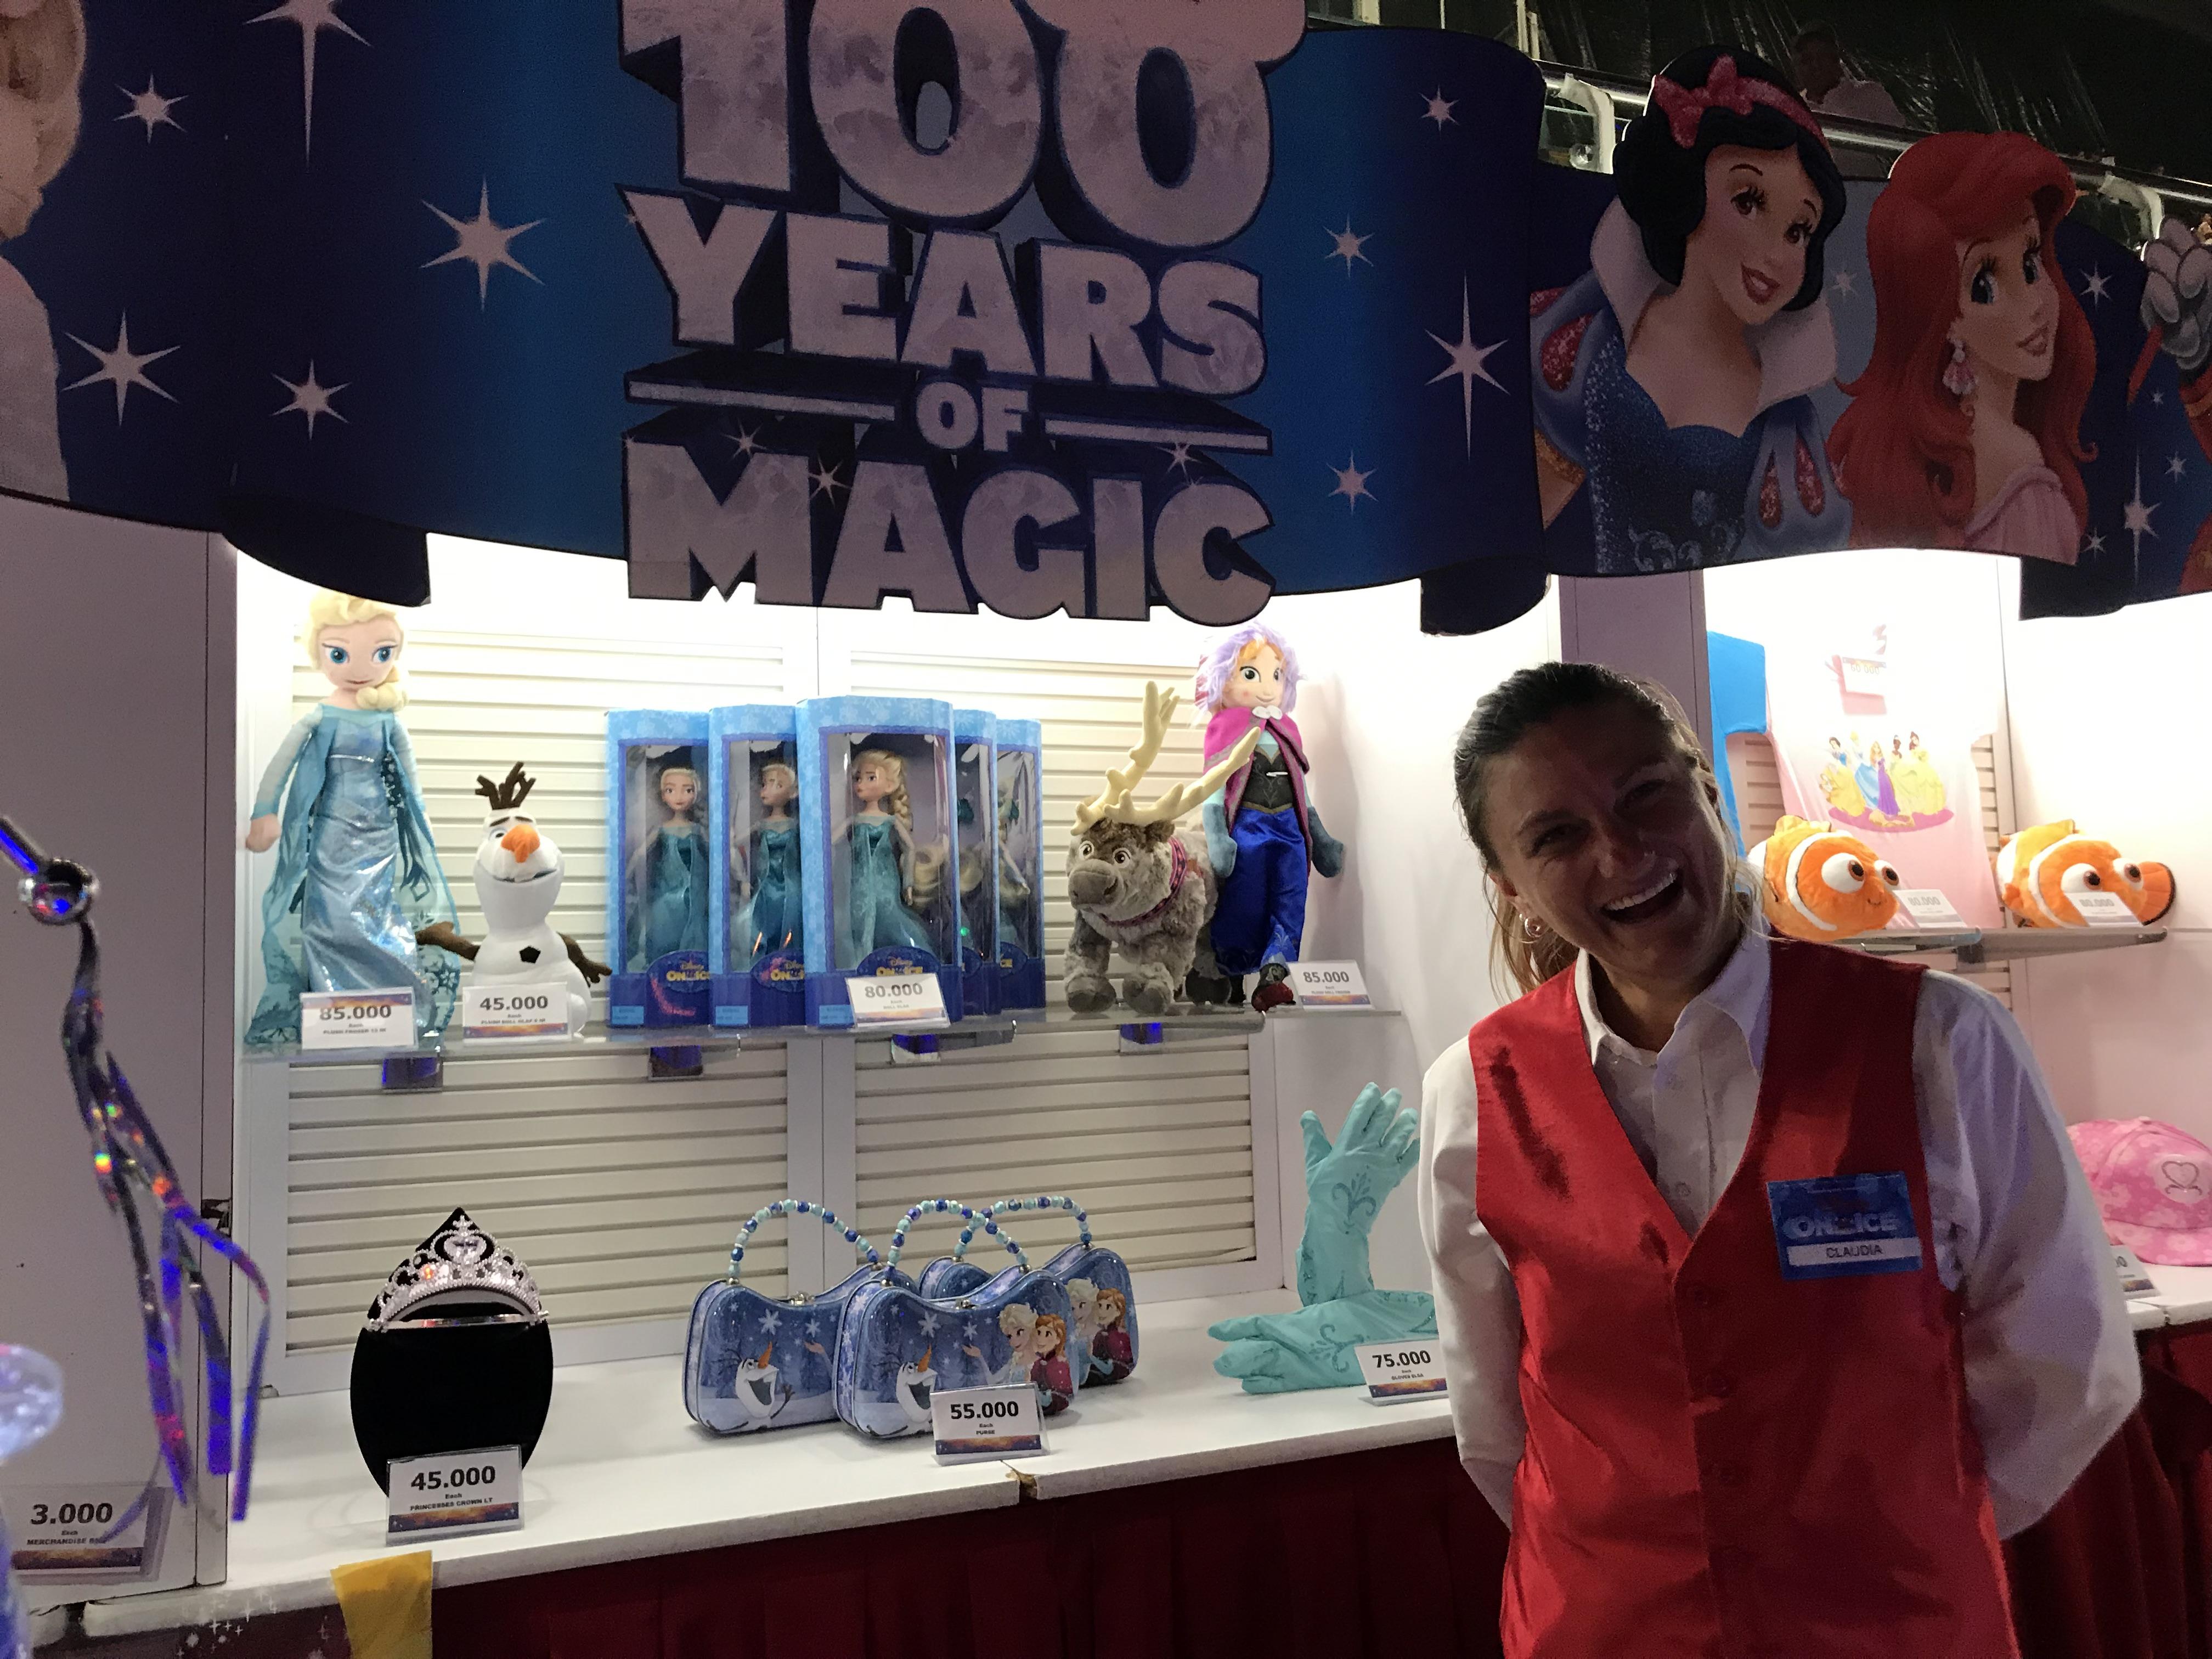 Disney On Ice celebra sus 100 años en Medellín - Imagen 4